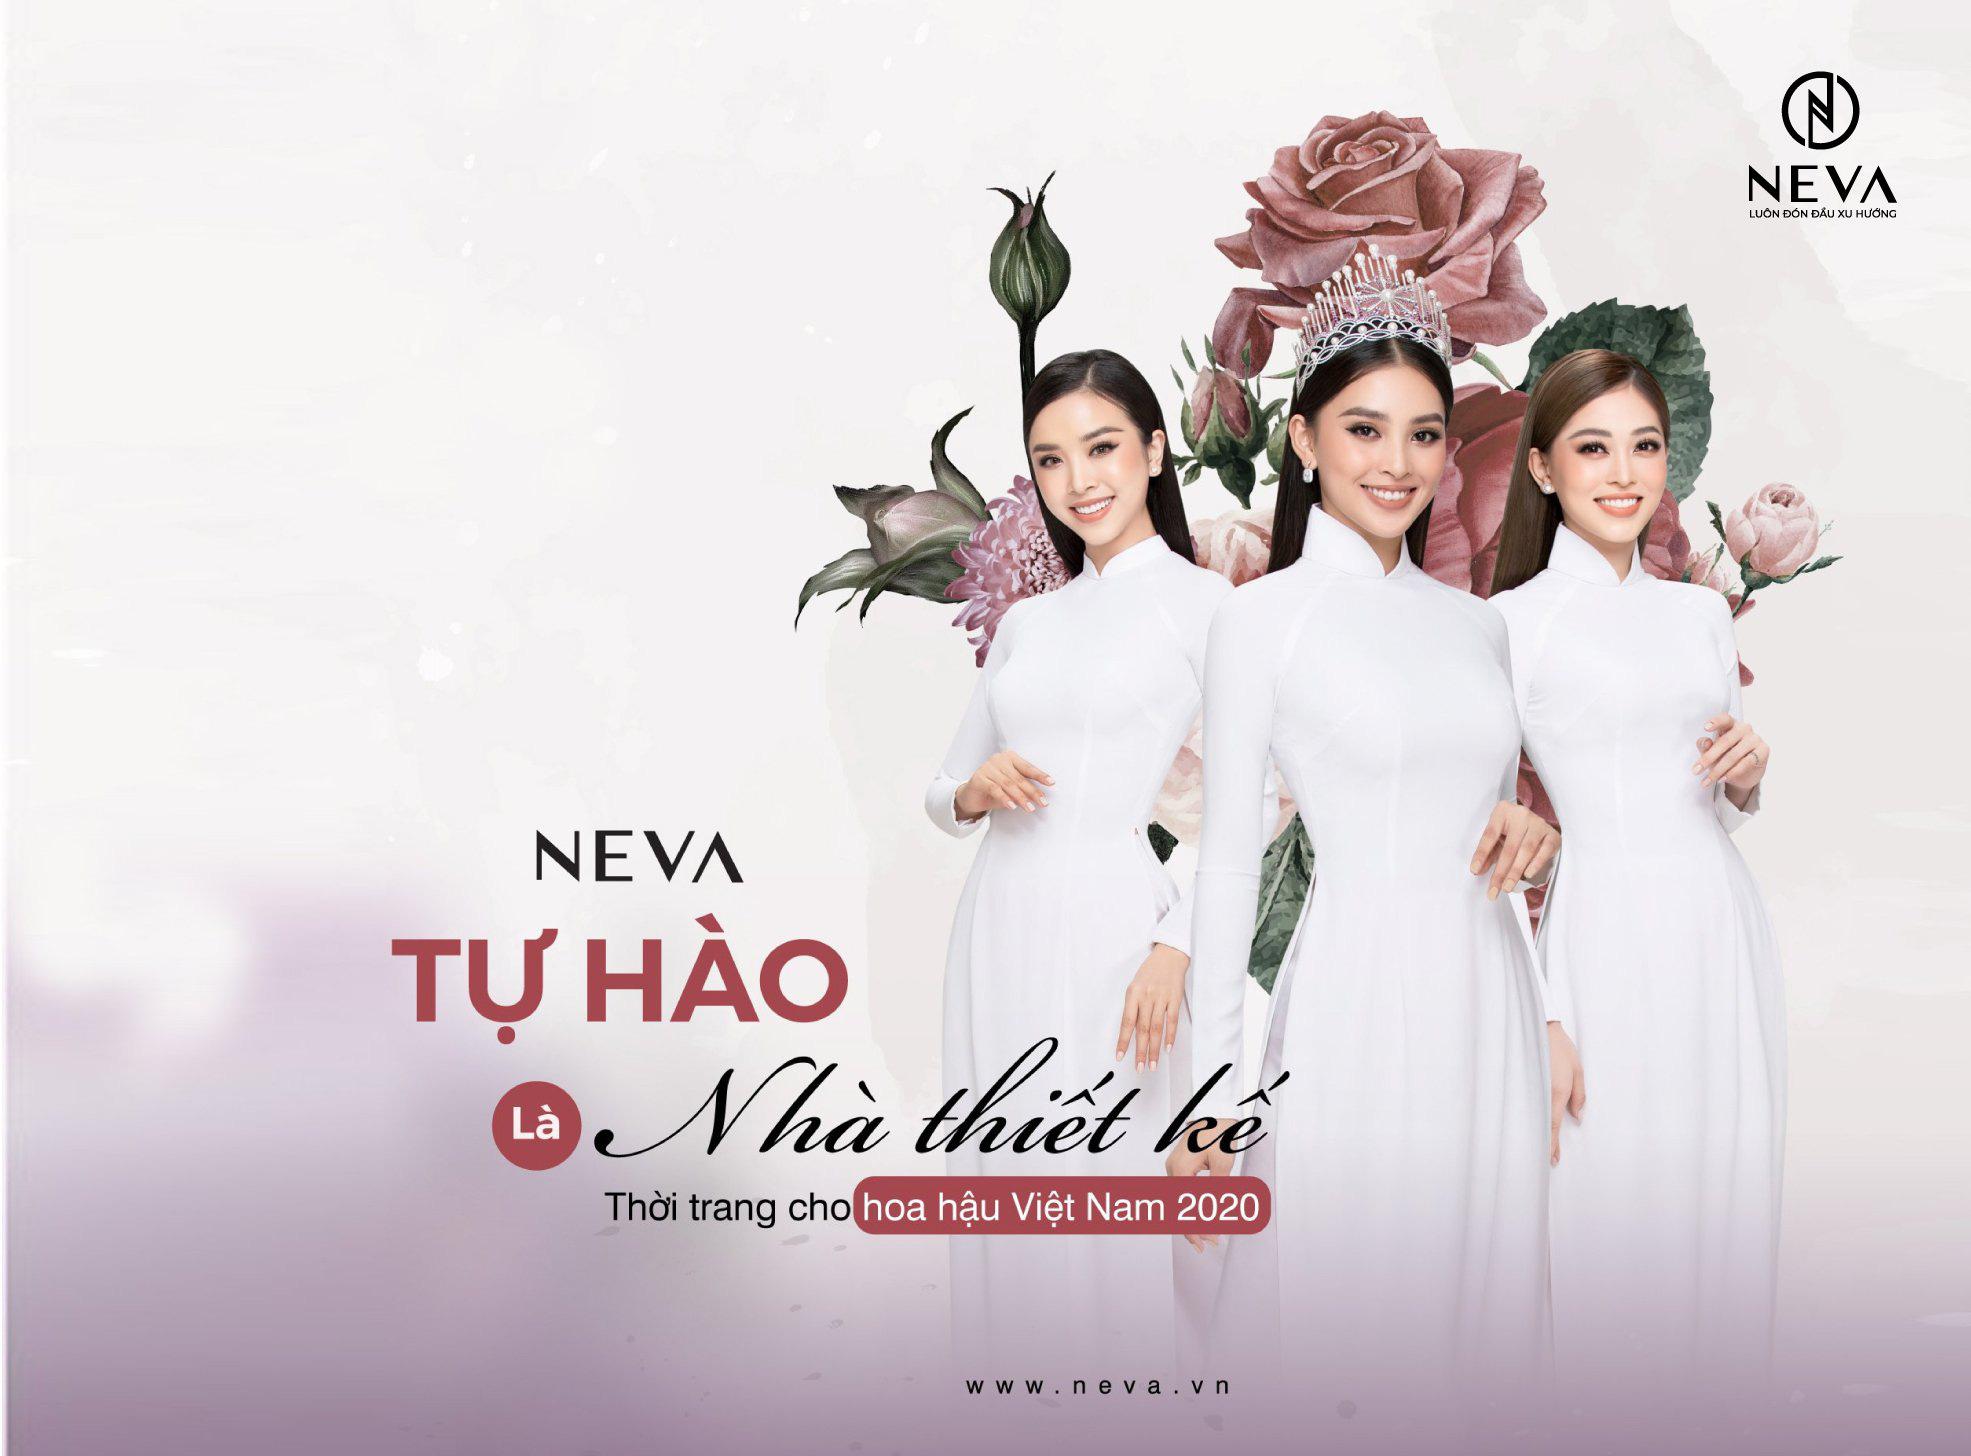 NEVA tự hào là nhà thiết kế thời trang hoa hậu việt nam 2020 - Ảnh 4.